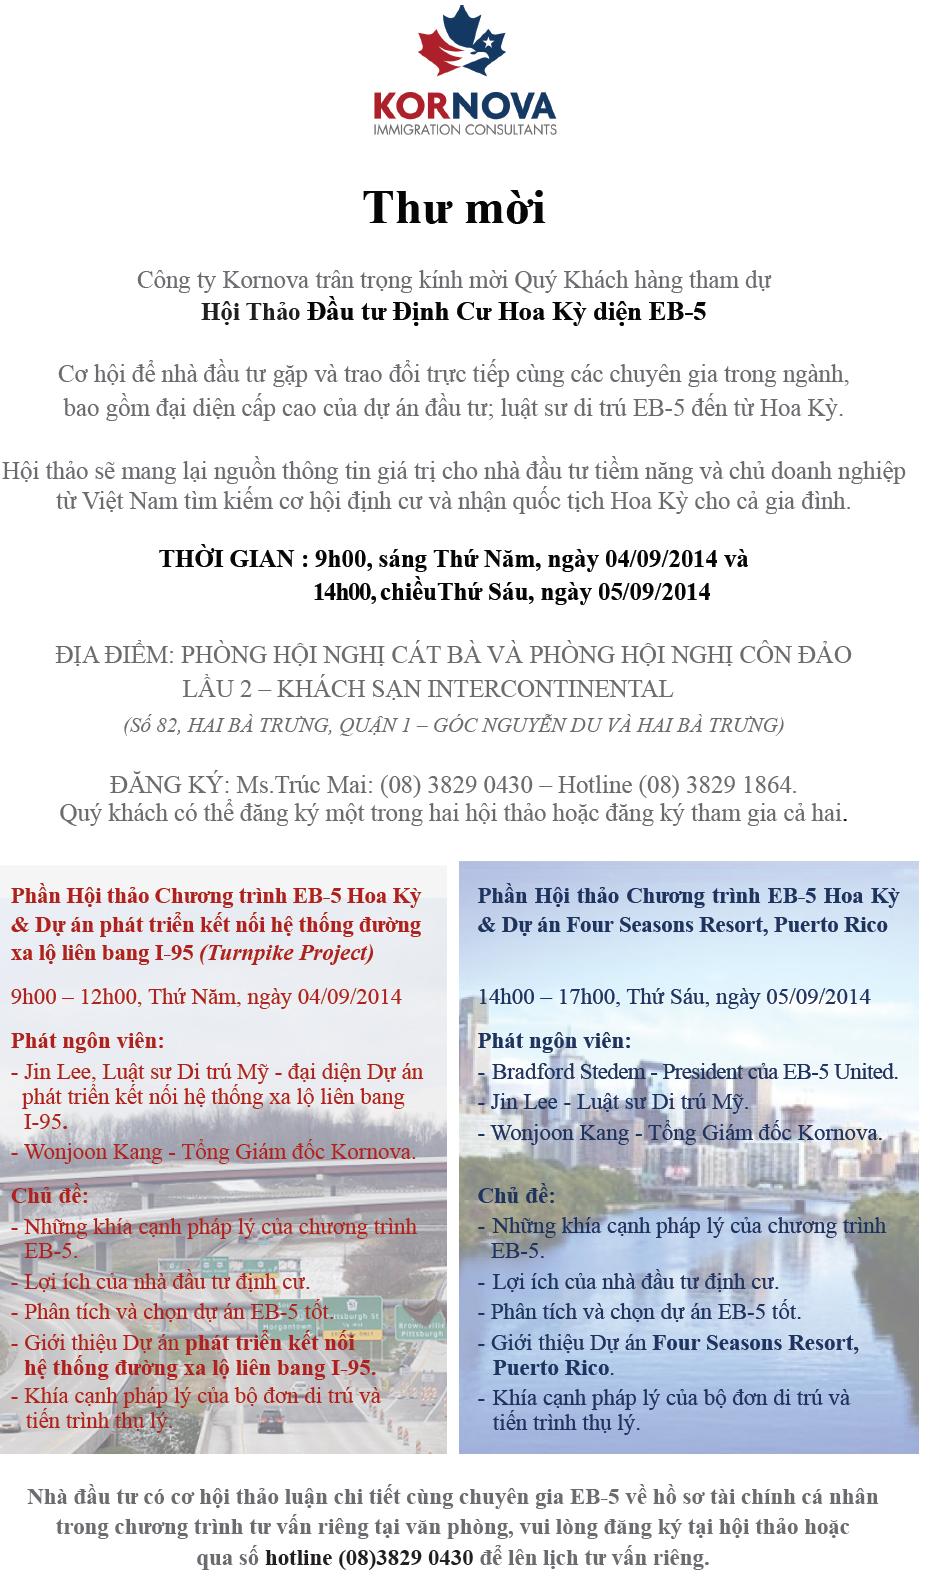 Hội Thảo Đầu Tư Định Cư Hoa Kỳ Diện EB5 – Tháng 9, 2014